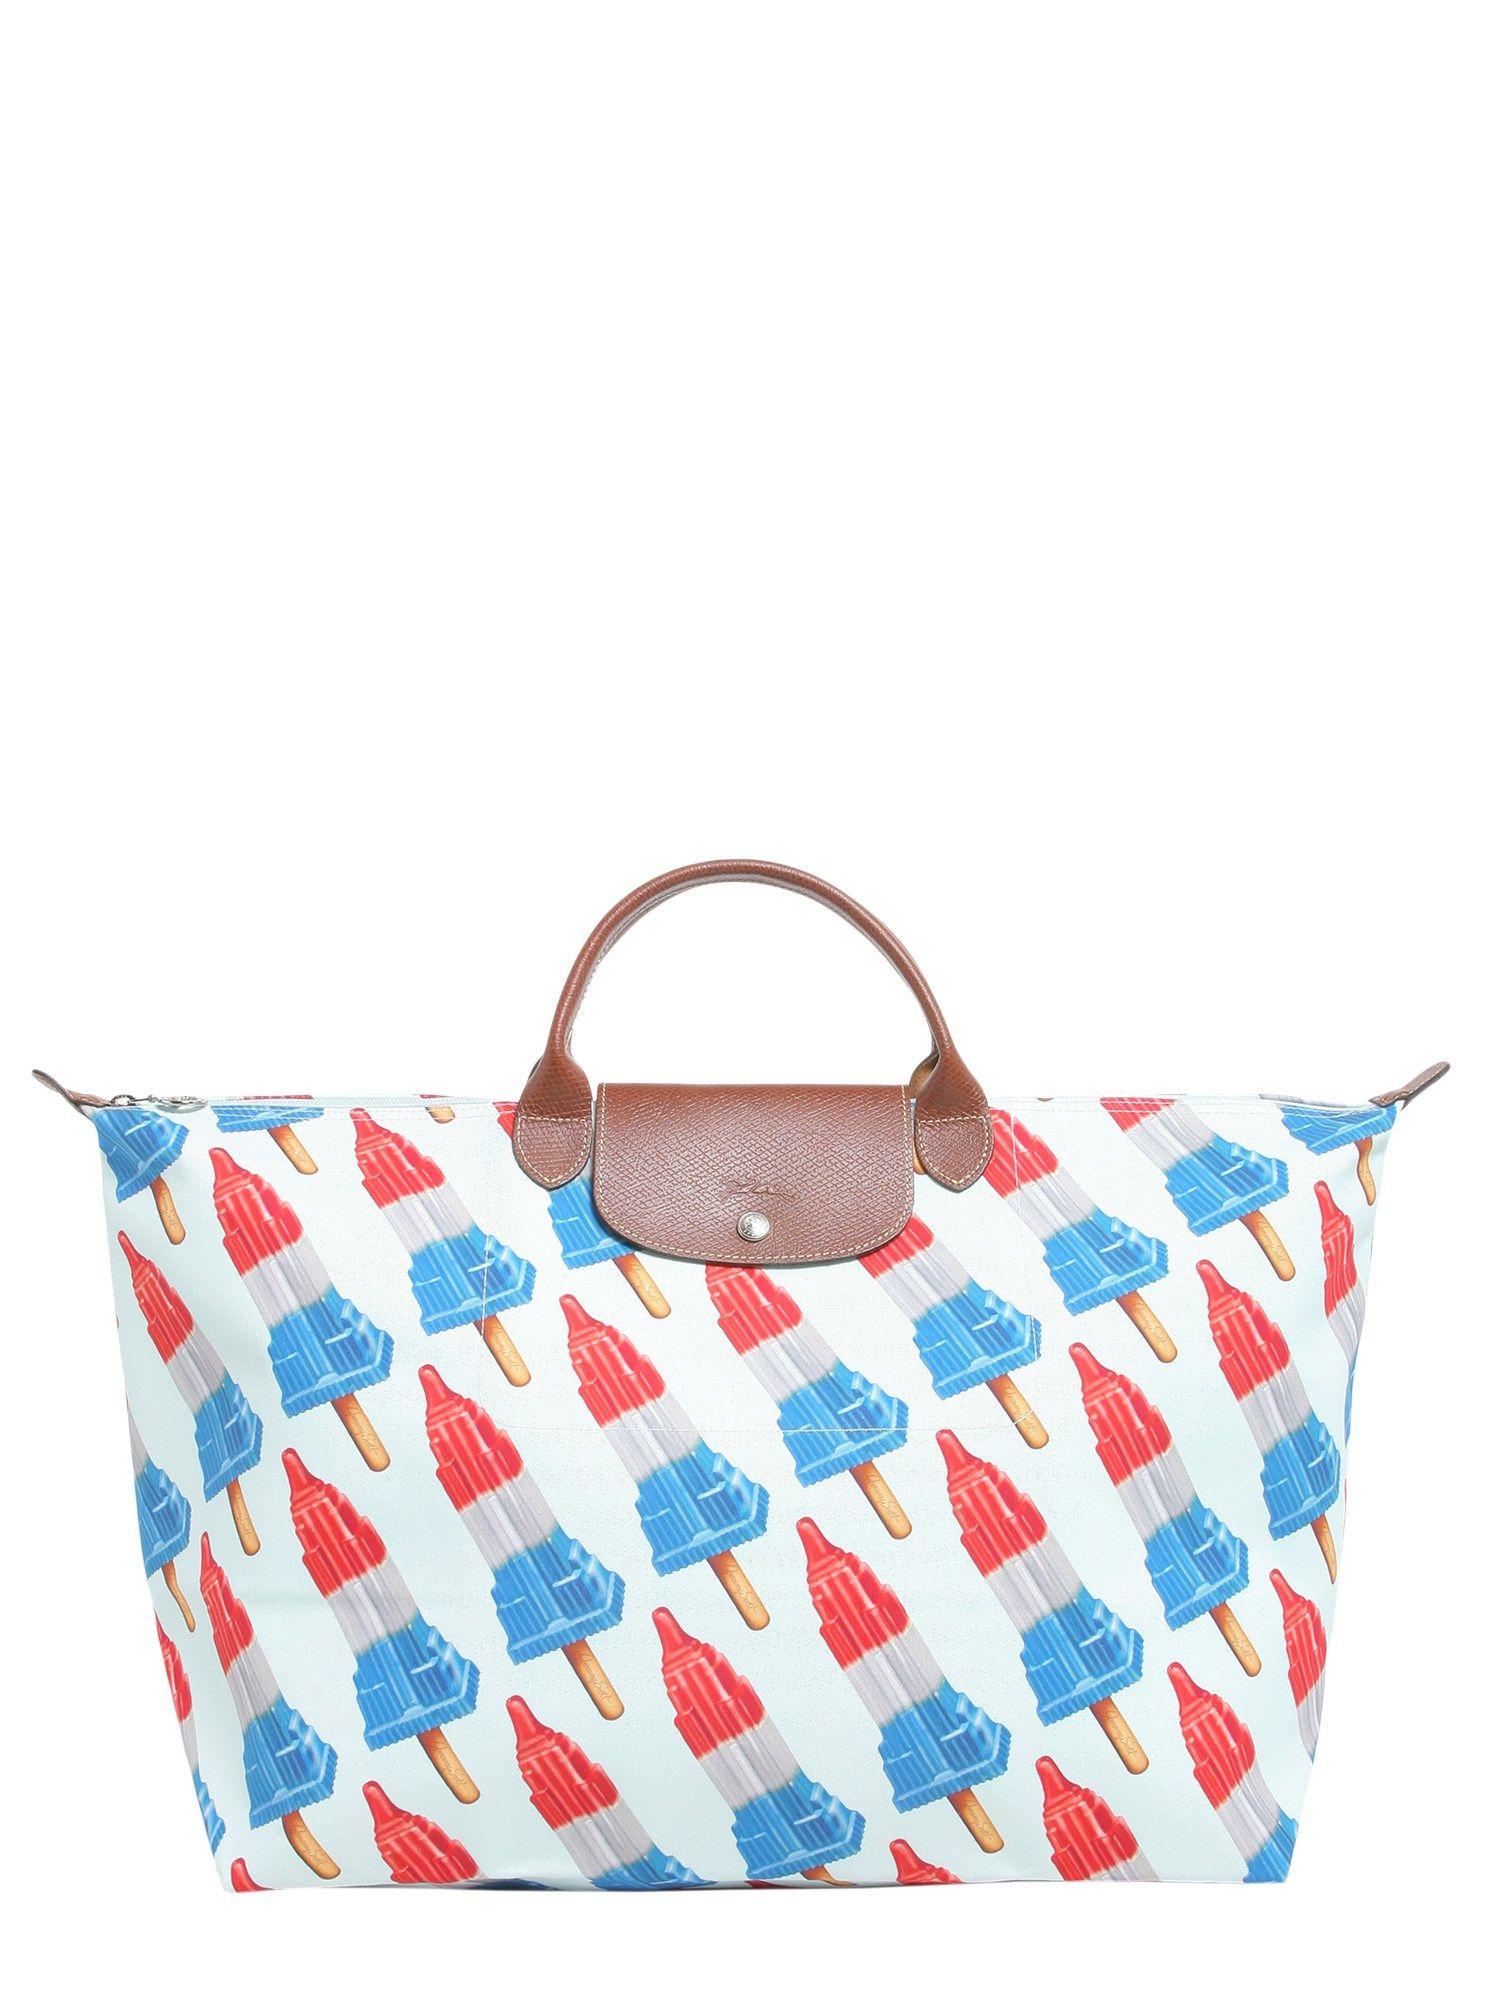 Longchamp Bag Le Pliage House Of Fraser : Longchamp le pliage travel bag multicolor women s